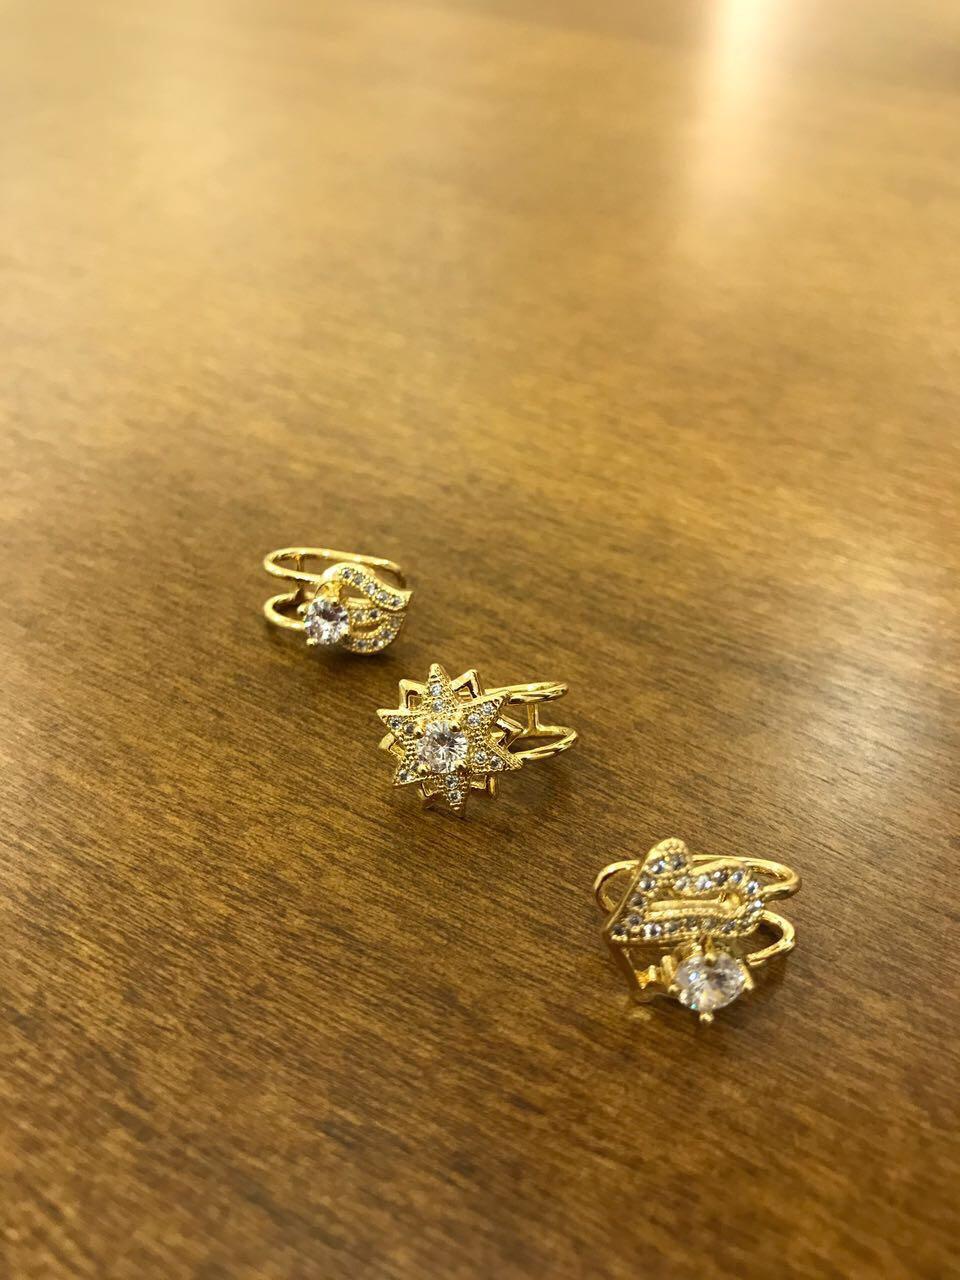 Piercing de Pressão Estrela com Mini Zircônias Cravejadas Folheado a Ouro 18K